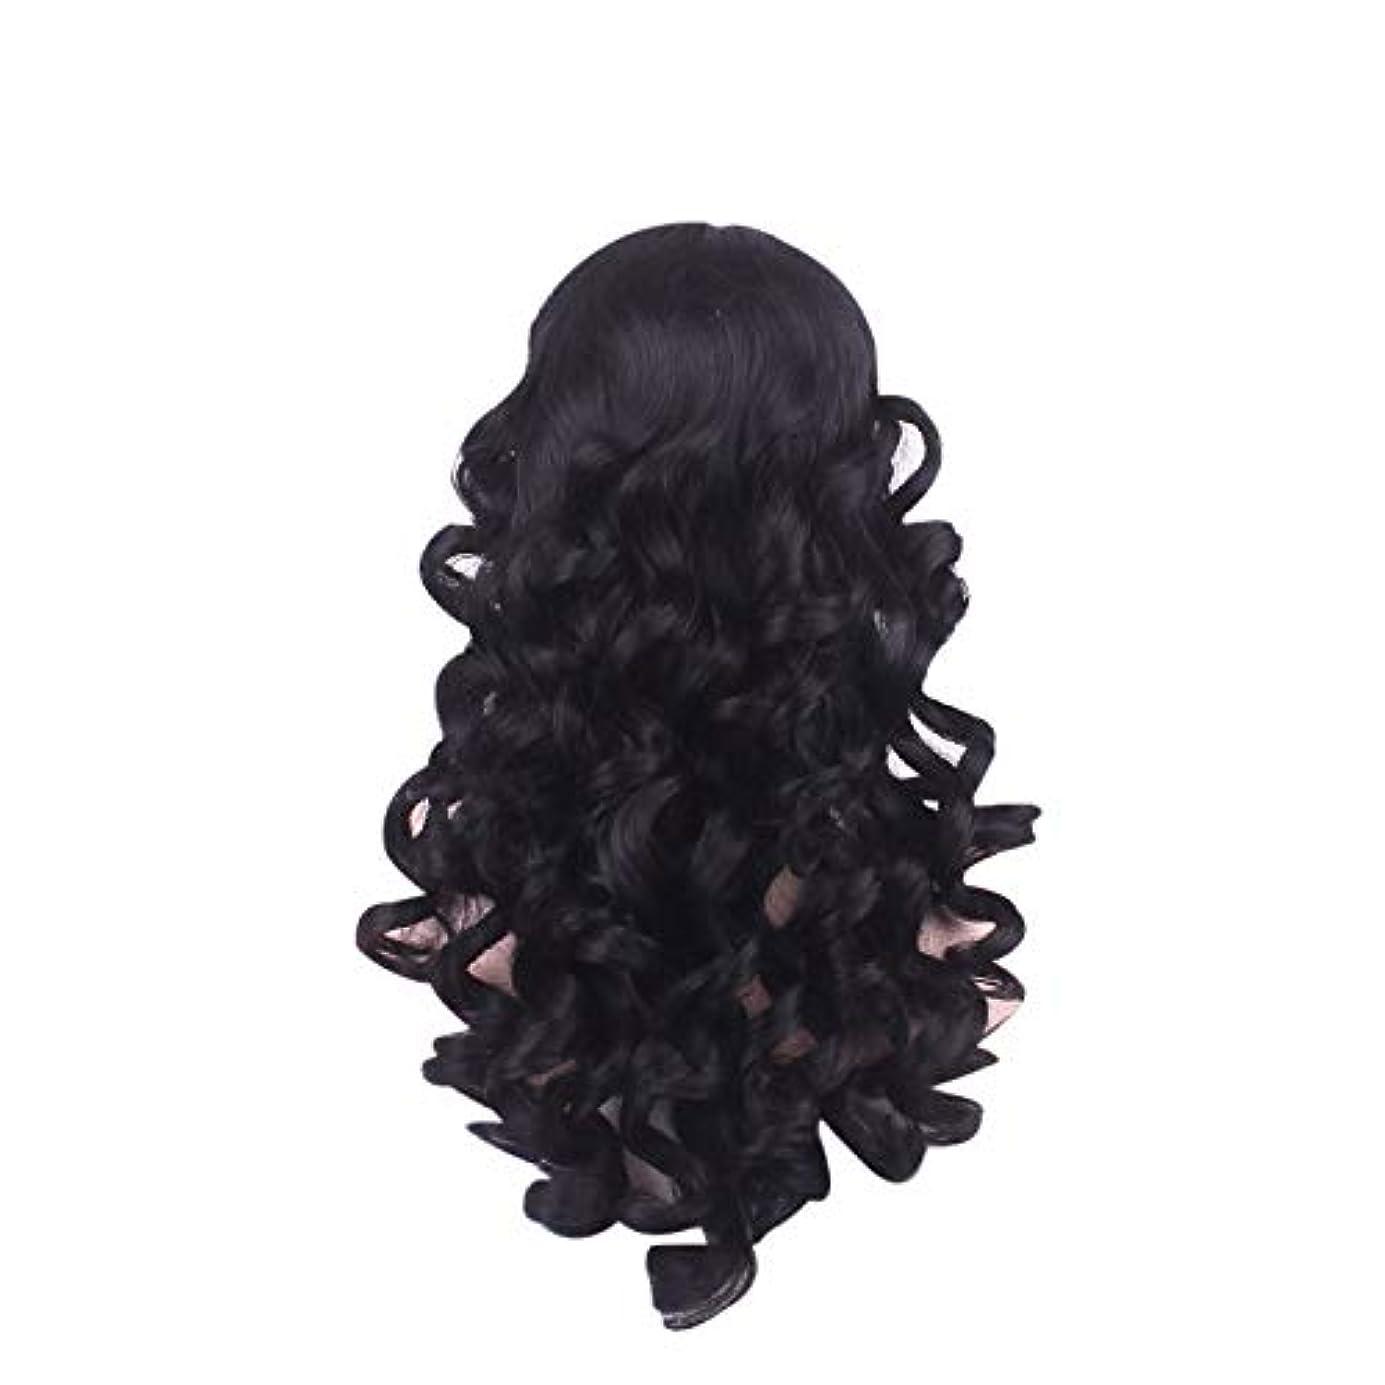 言い換えると甥比較女性の長い巻き毛のファッションかつらローズネット65 cm